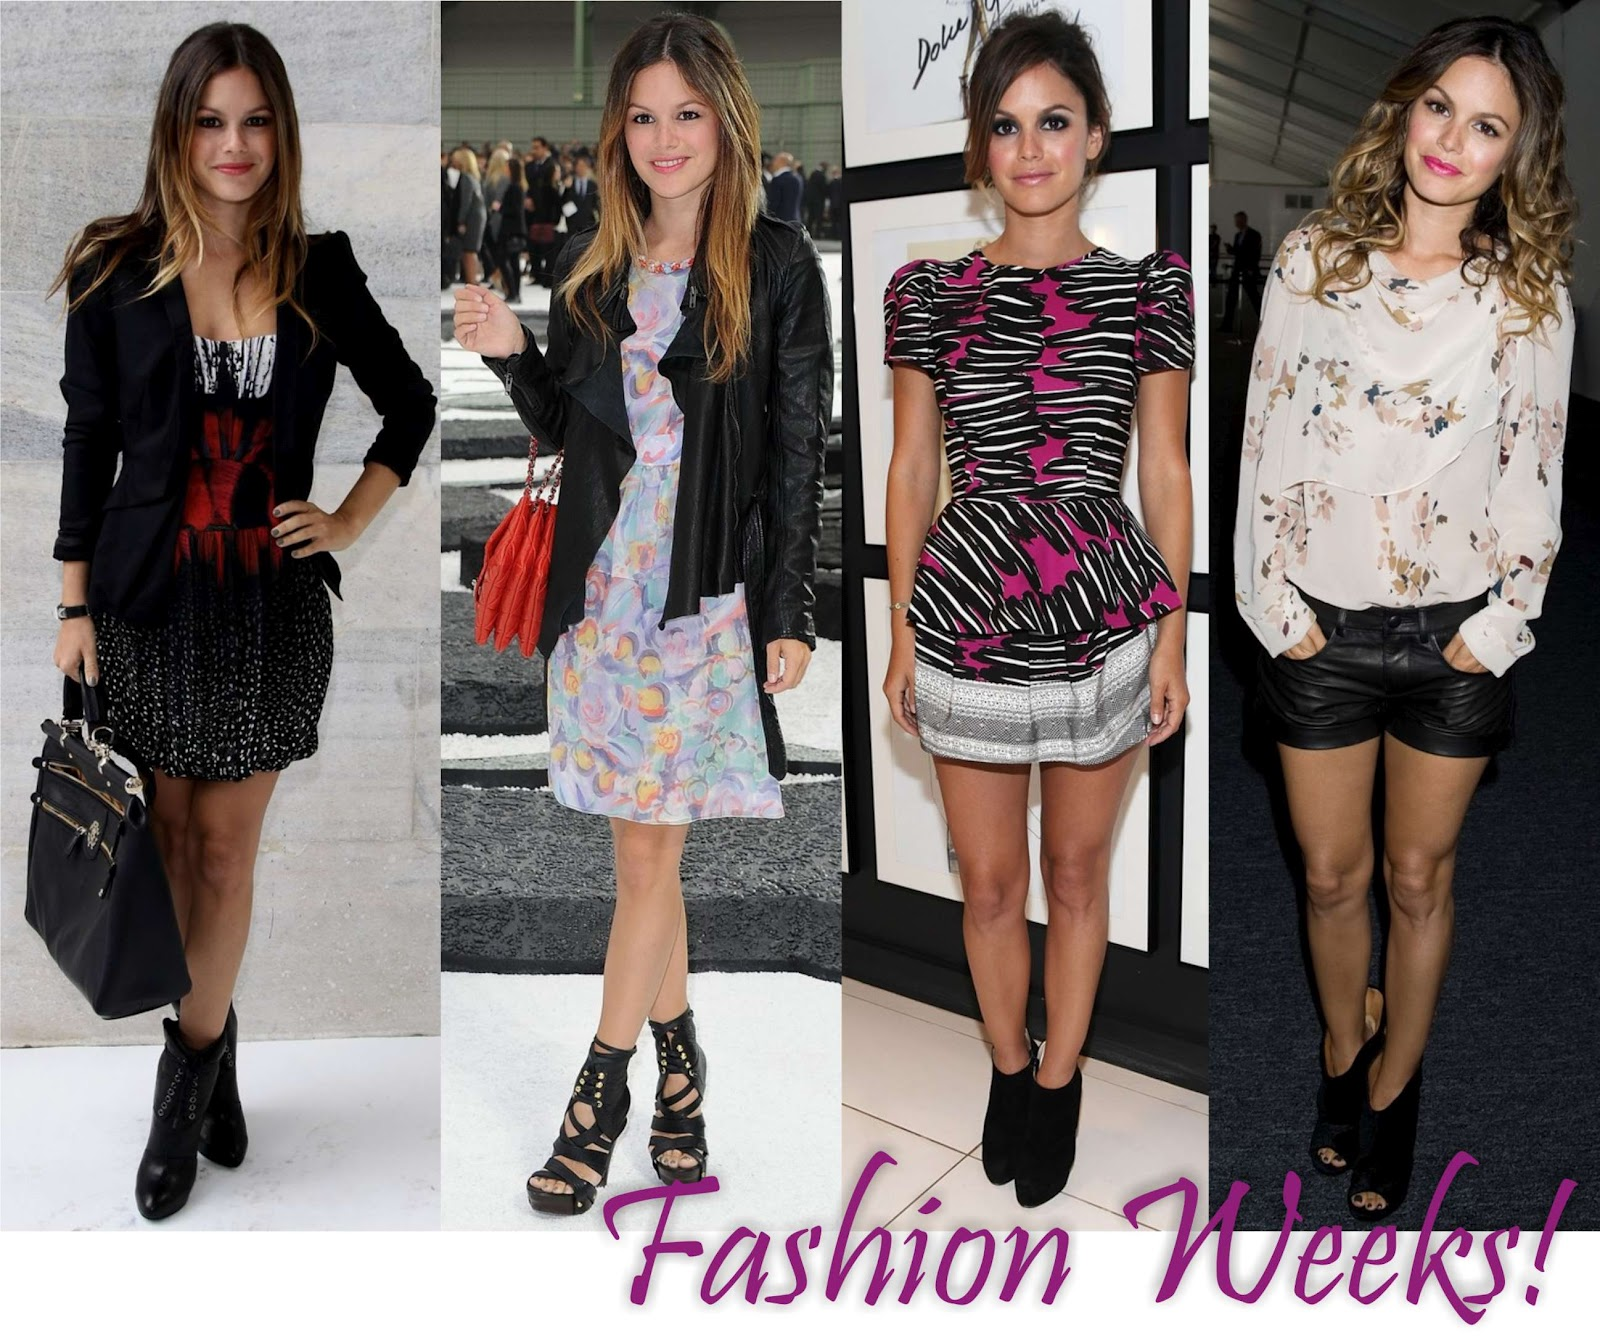 http://4.bp.blogspot.com/-n7taXdIxNdI/T_9rLfw1A9I/AAAAAAAACxc/5cWYTp6n8Zw/s1600/Style+-+Rachel+Bilson+fashion+weeks+5.jpg